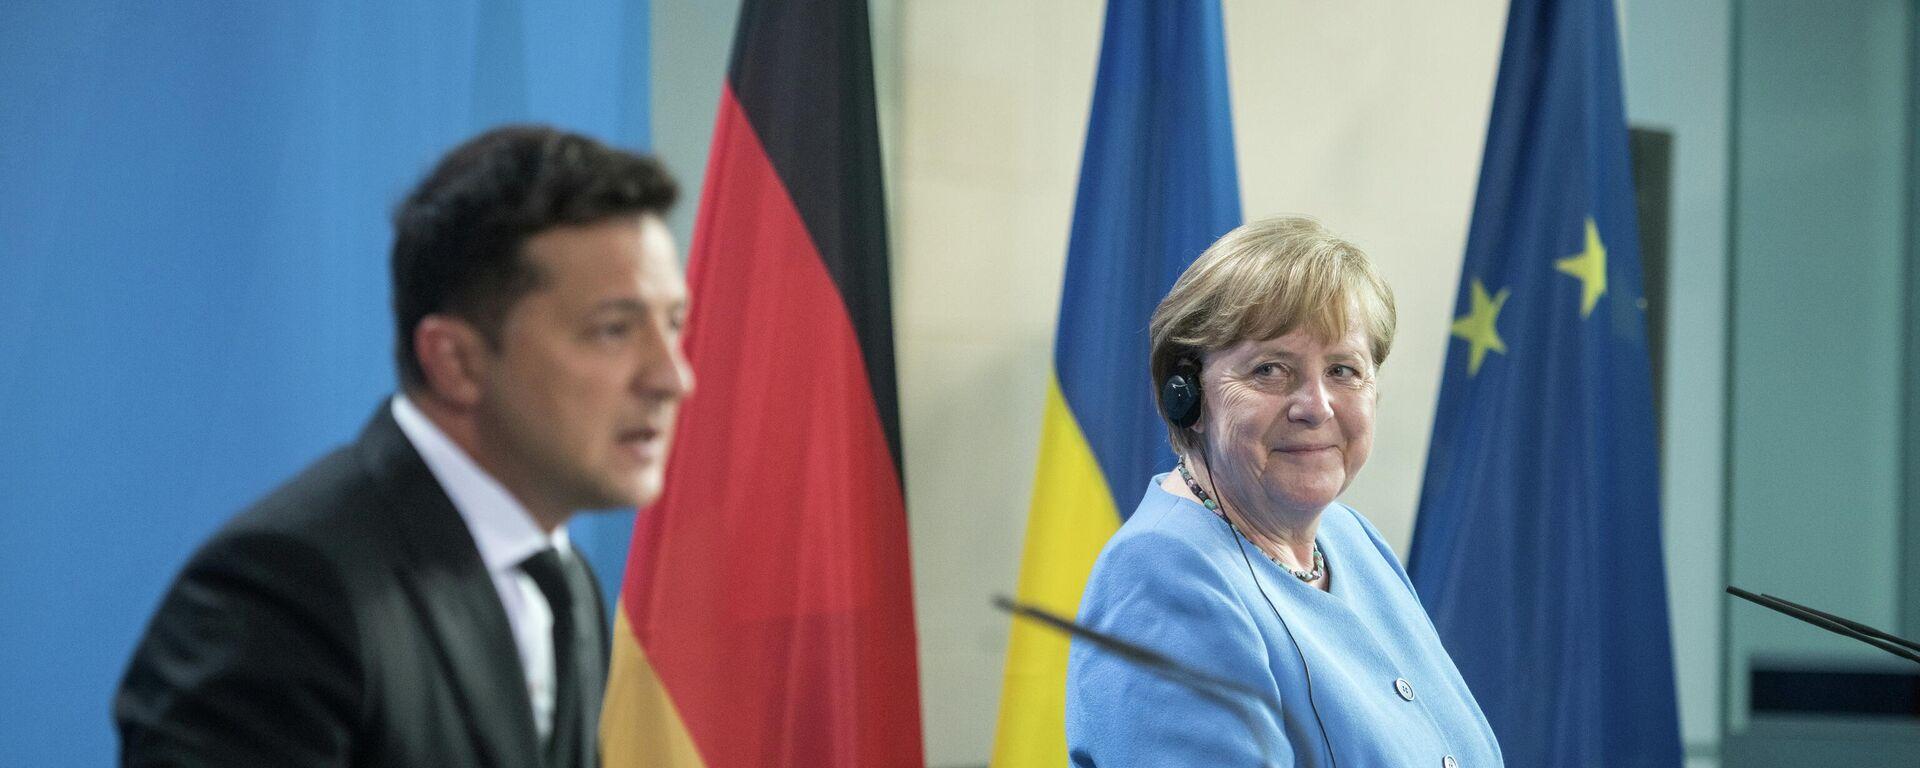 Bundeskanzlerin Angela Merkel und der ukrainische Präsident Wladimir Selenski (Wolodymyr Selenskyj) - SNA, 1920, 12.07.2021